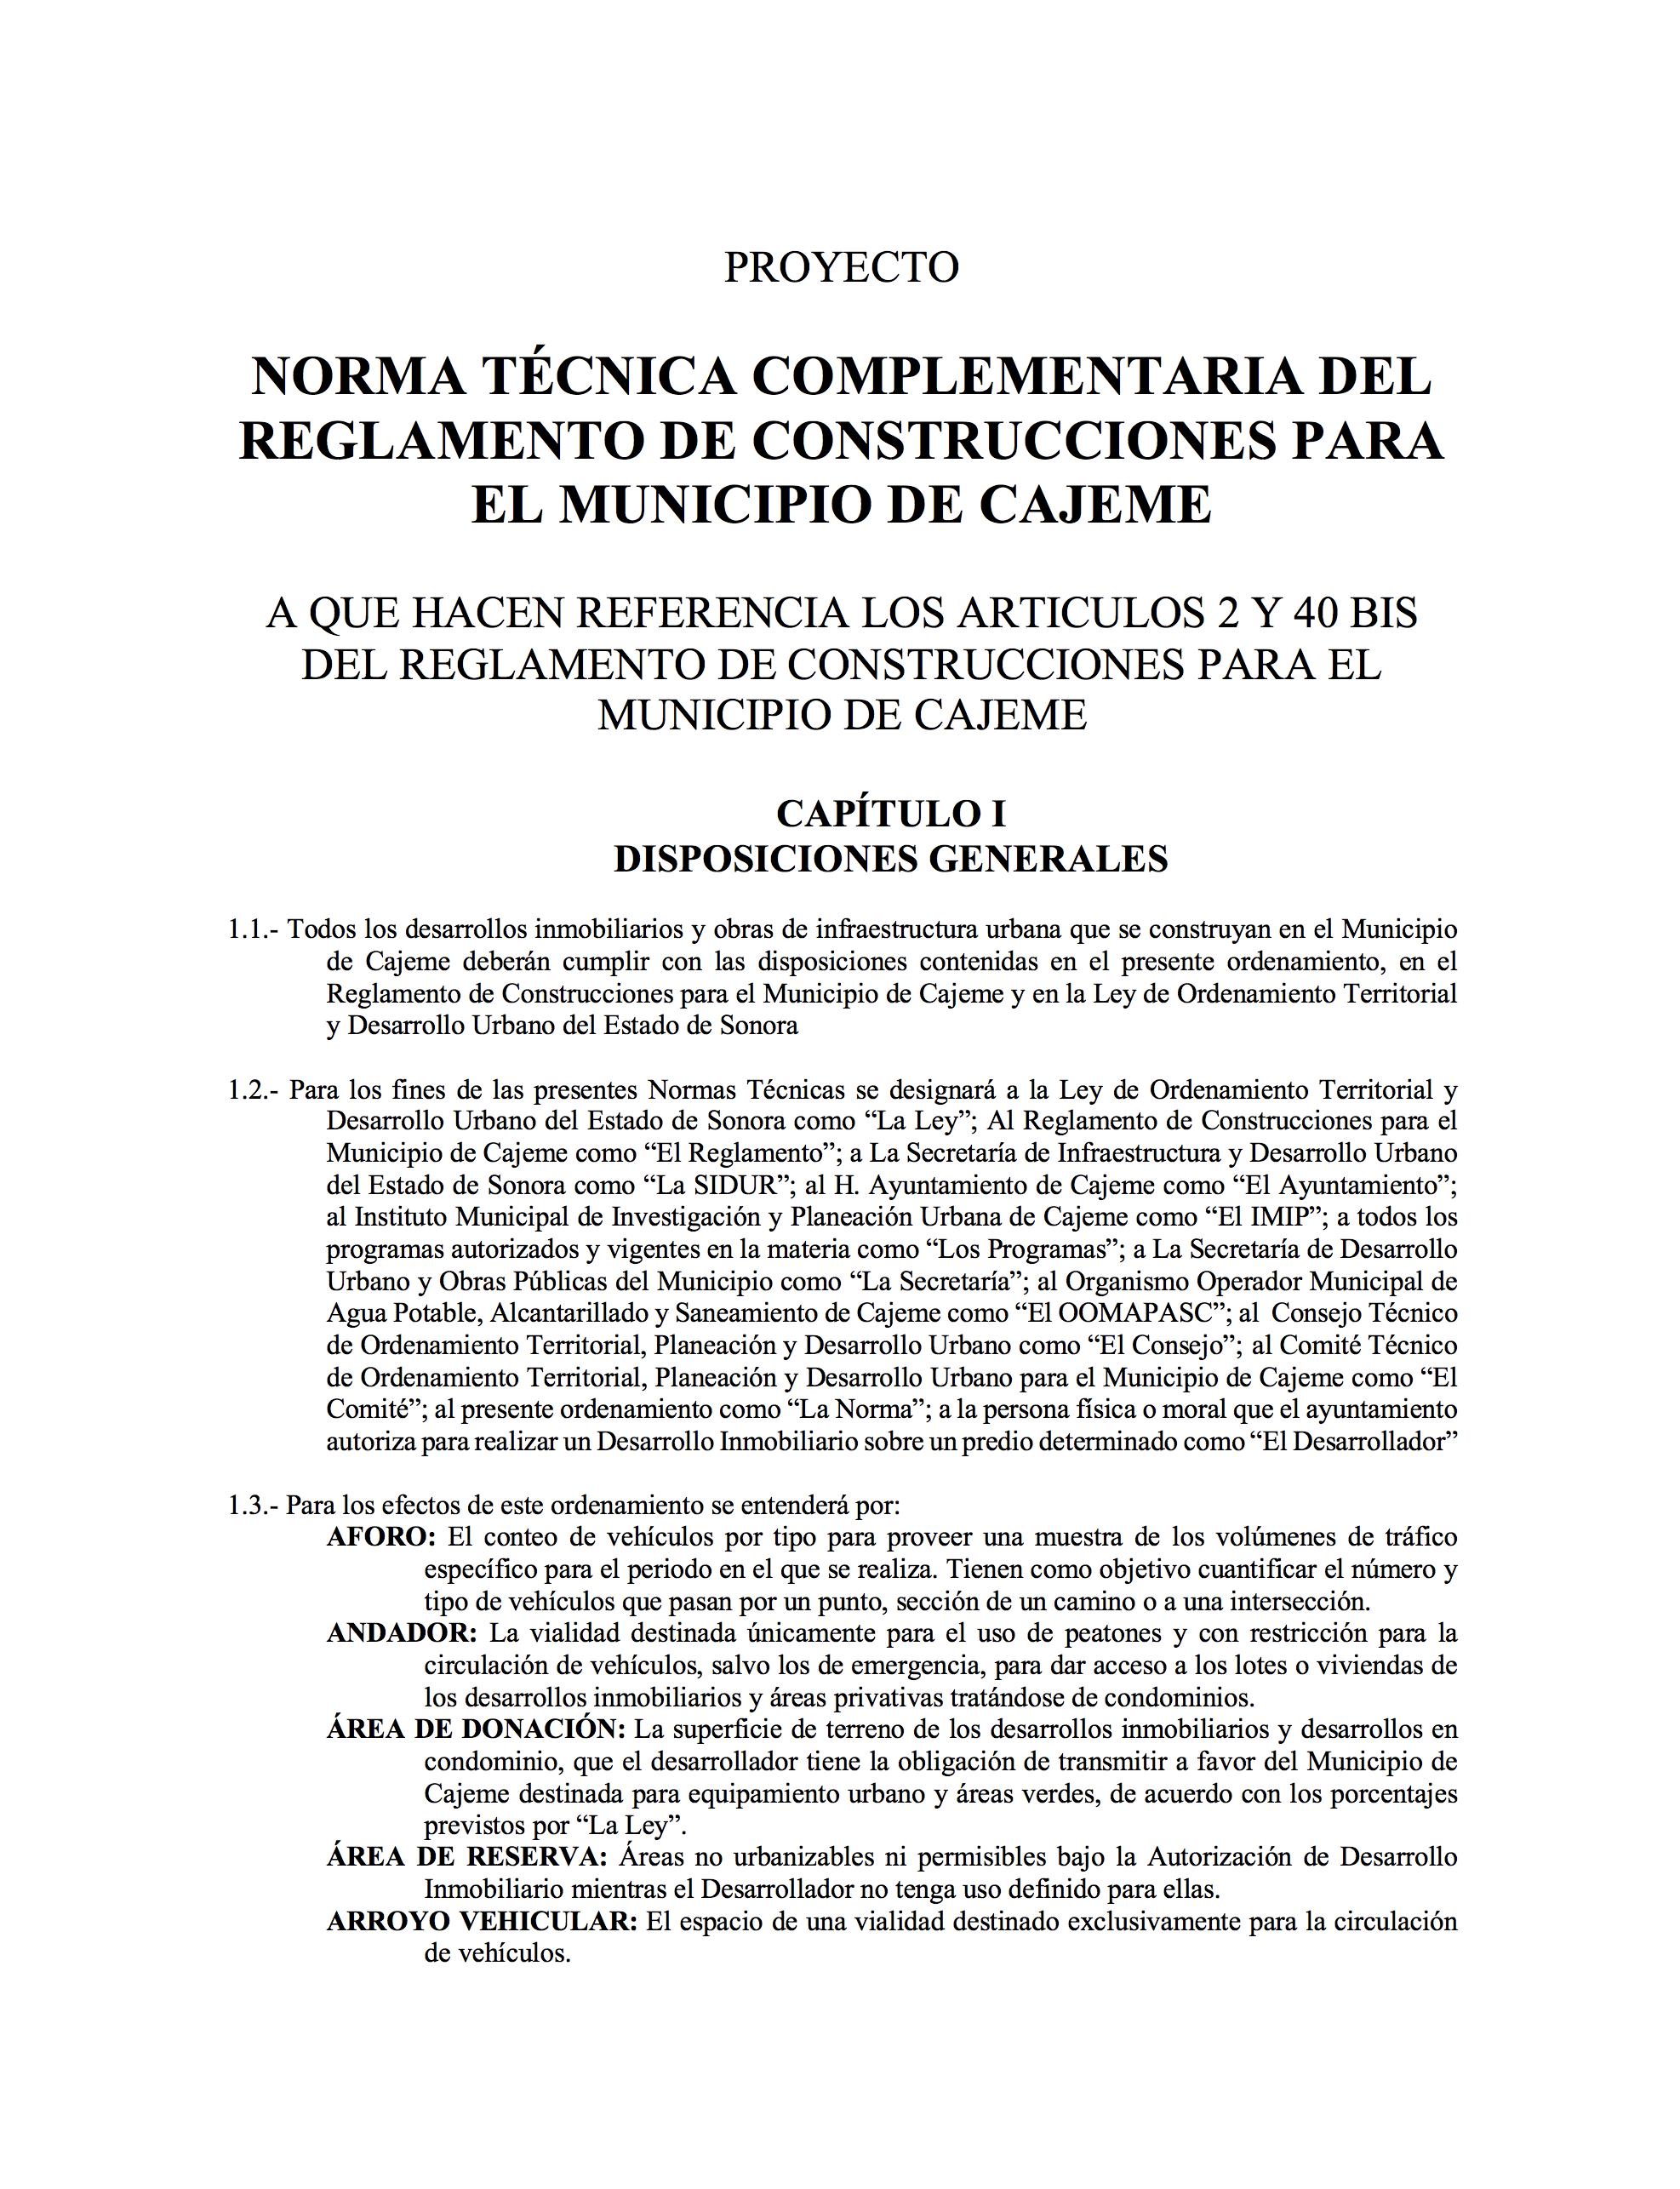 2018 NORMA TÉCNICA COMPLEMENTARIA DEL REGLAMENTO DE CONSTRUCCIONES PARA EL MUNICIPIO DE CAJEME